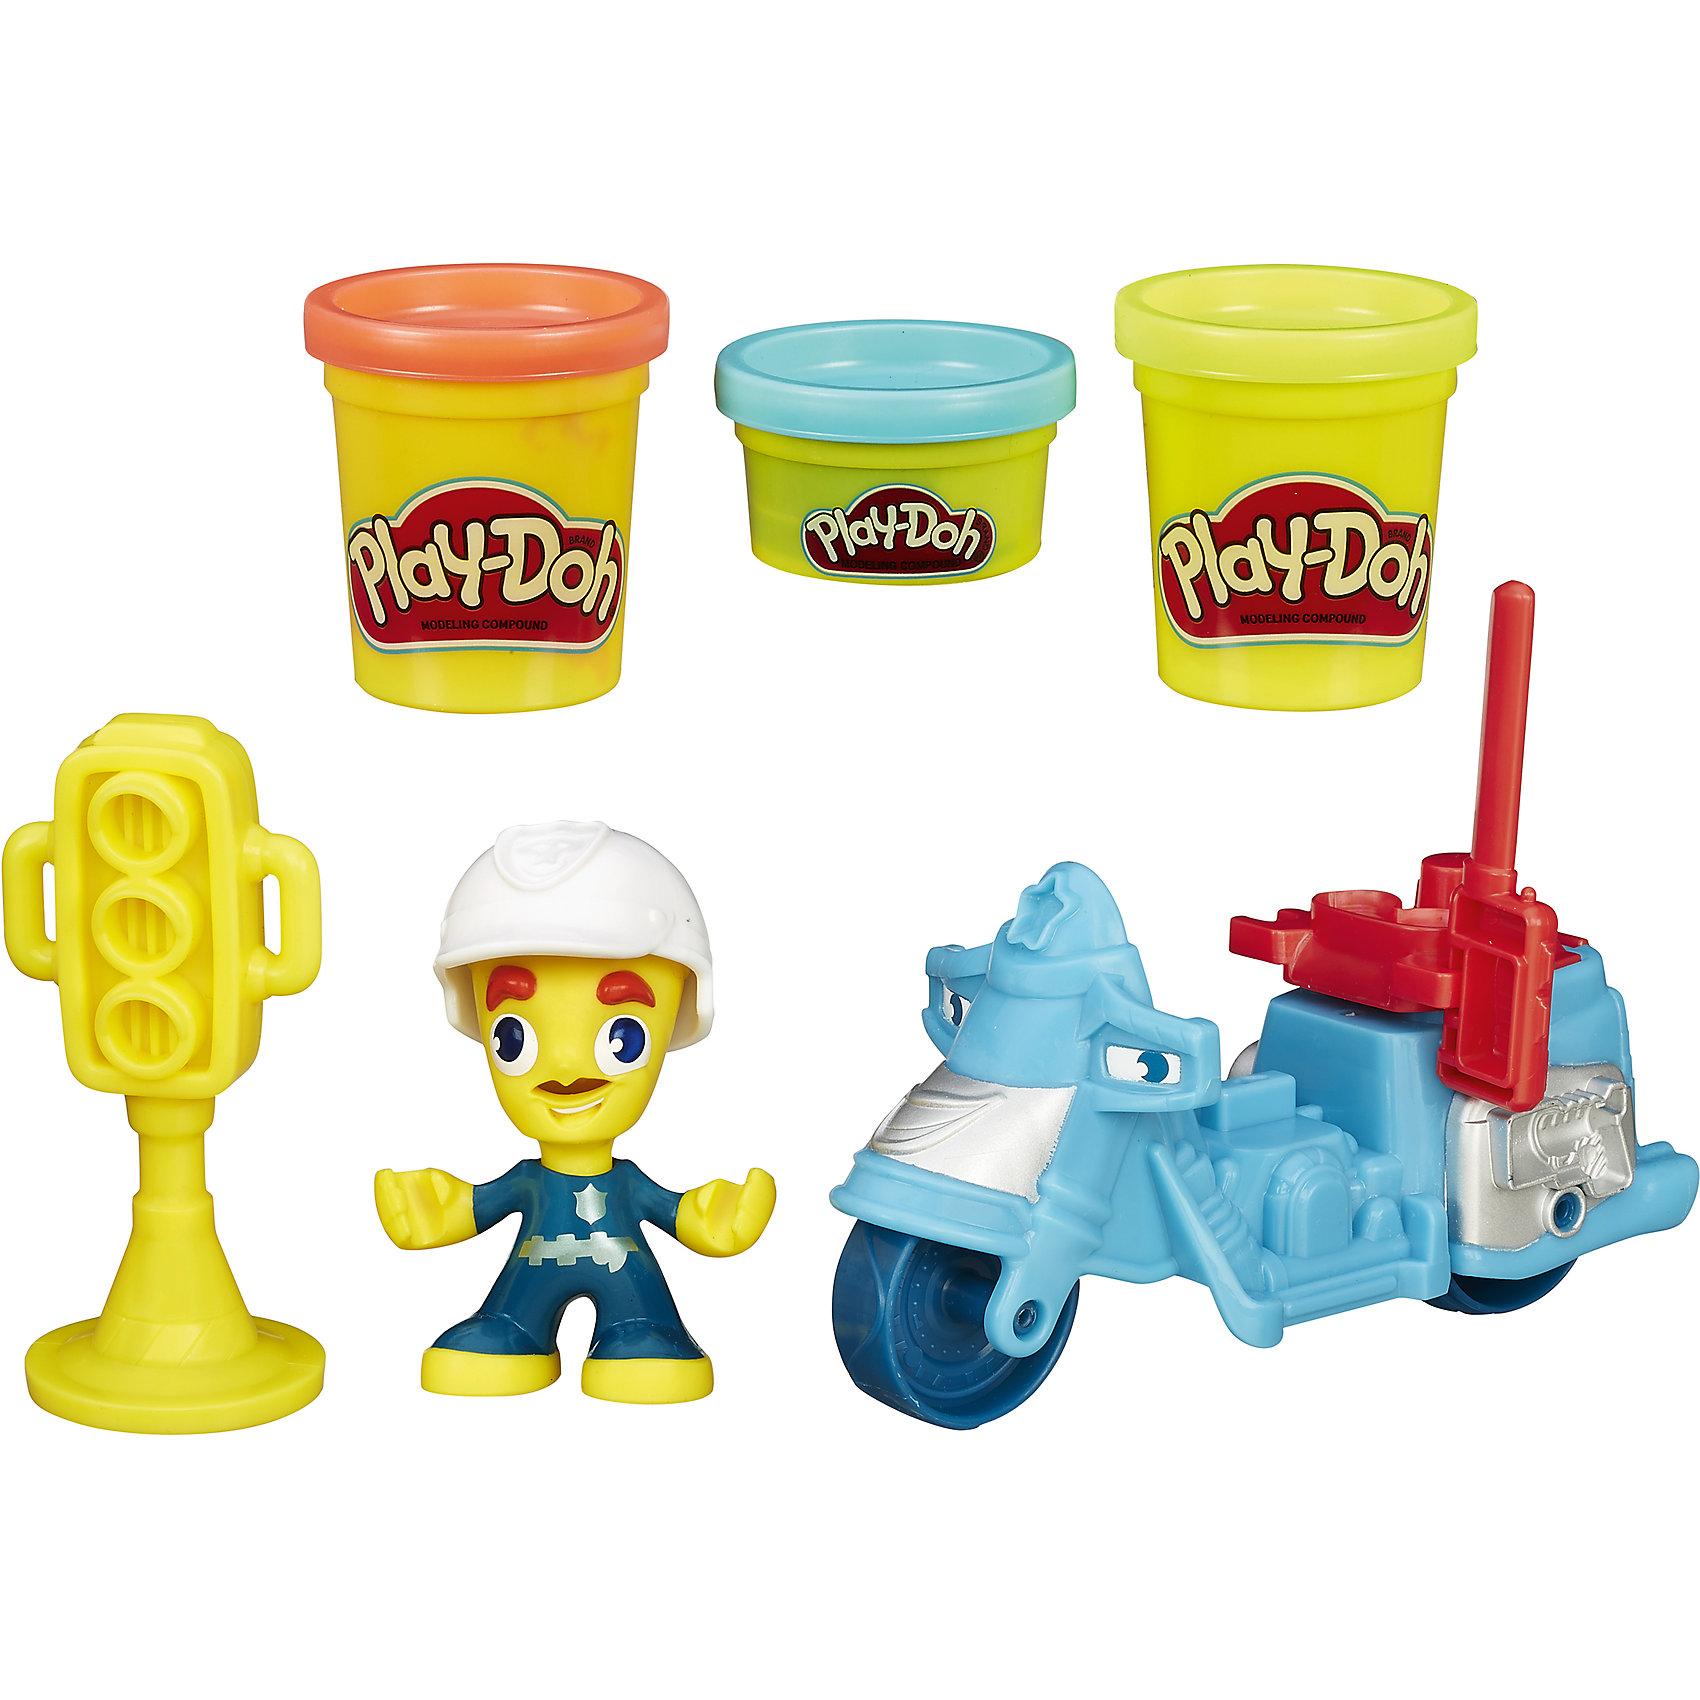 Hasbro Игровой набор Транспортные средства, #1 (синий), Play-Doh Город всё для лепки play doh игровой набор город магазинчик домашних питомцев